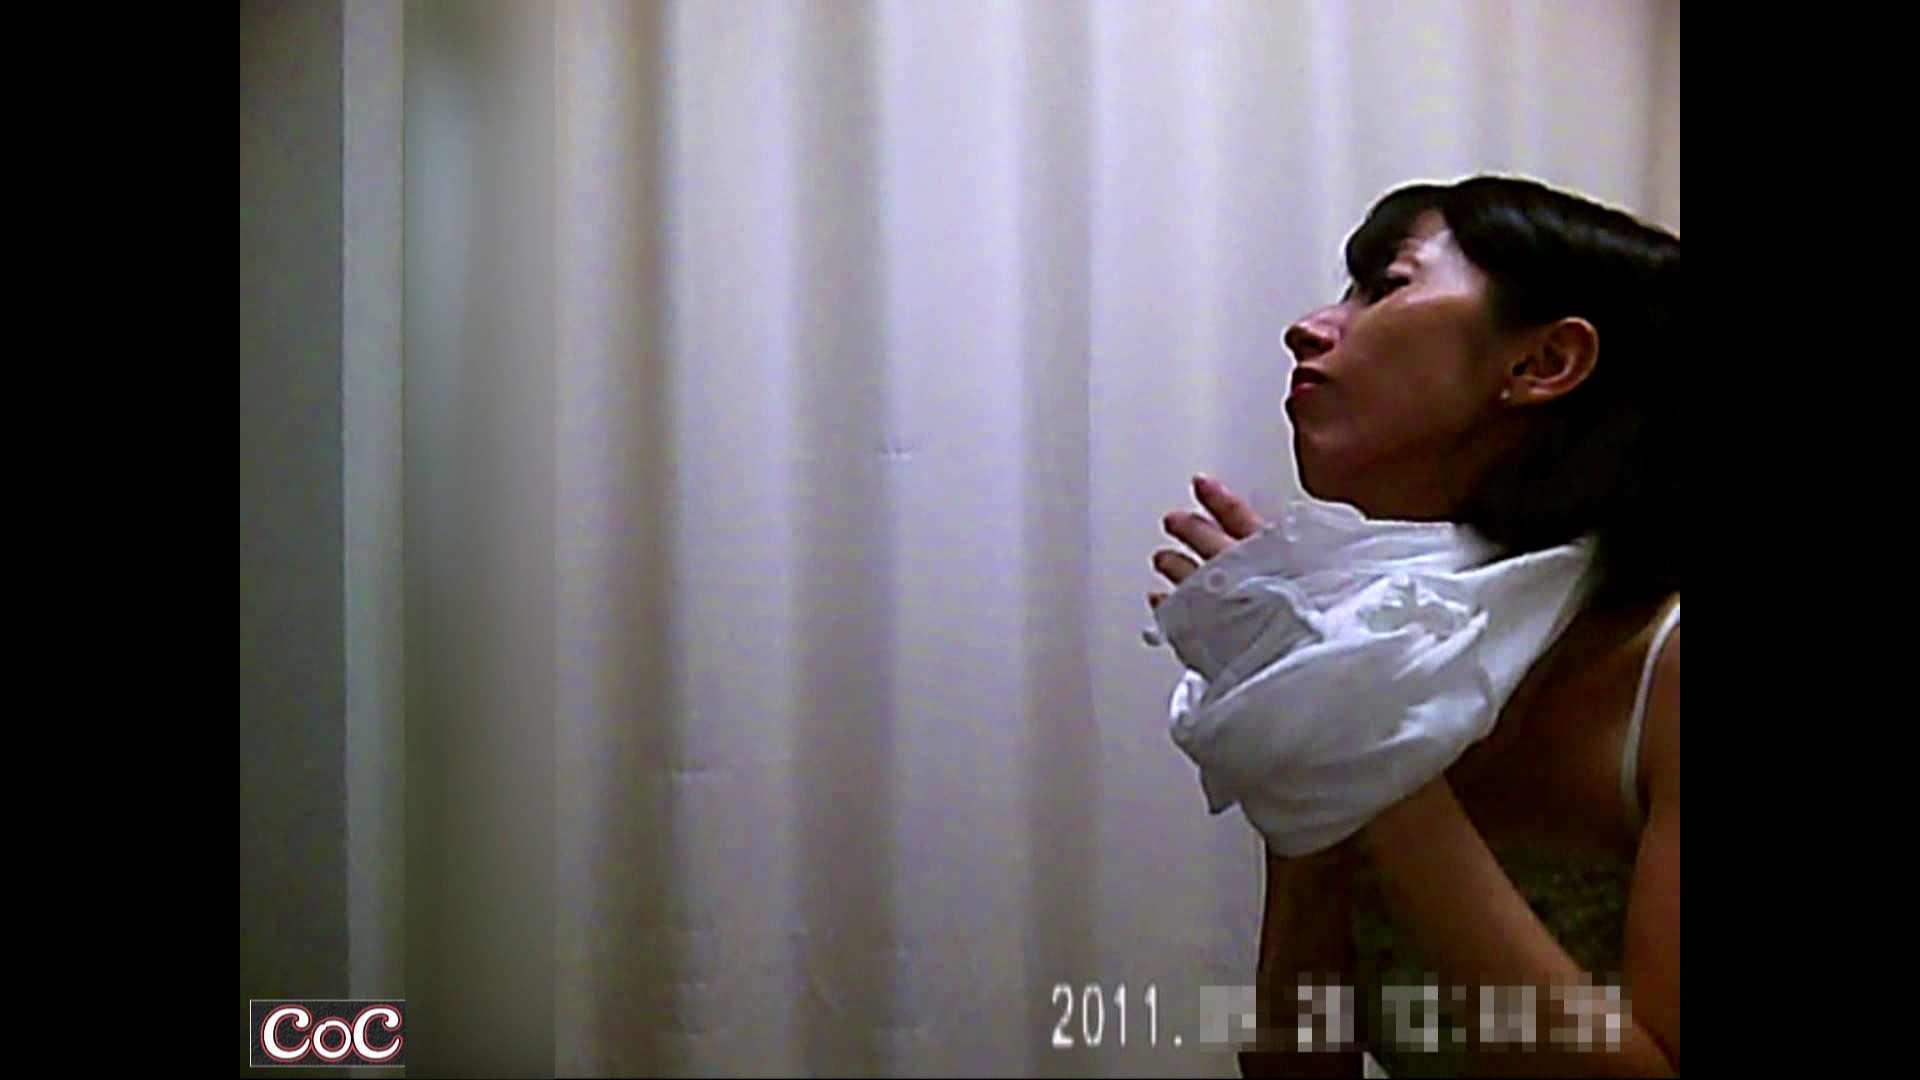 セックスアダルト動画|元医者による反抗 更衣室地獄絵巻 vol.255|怪盗ジョーカー